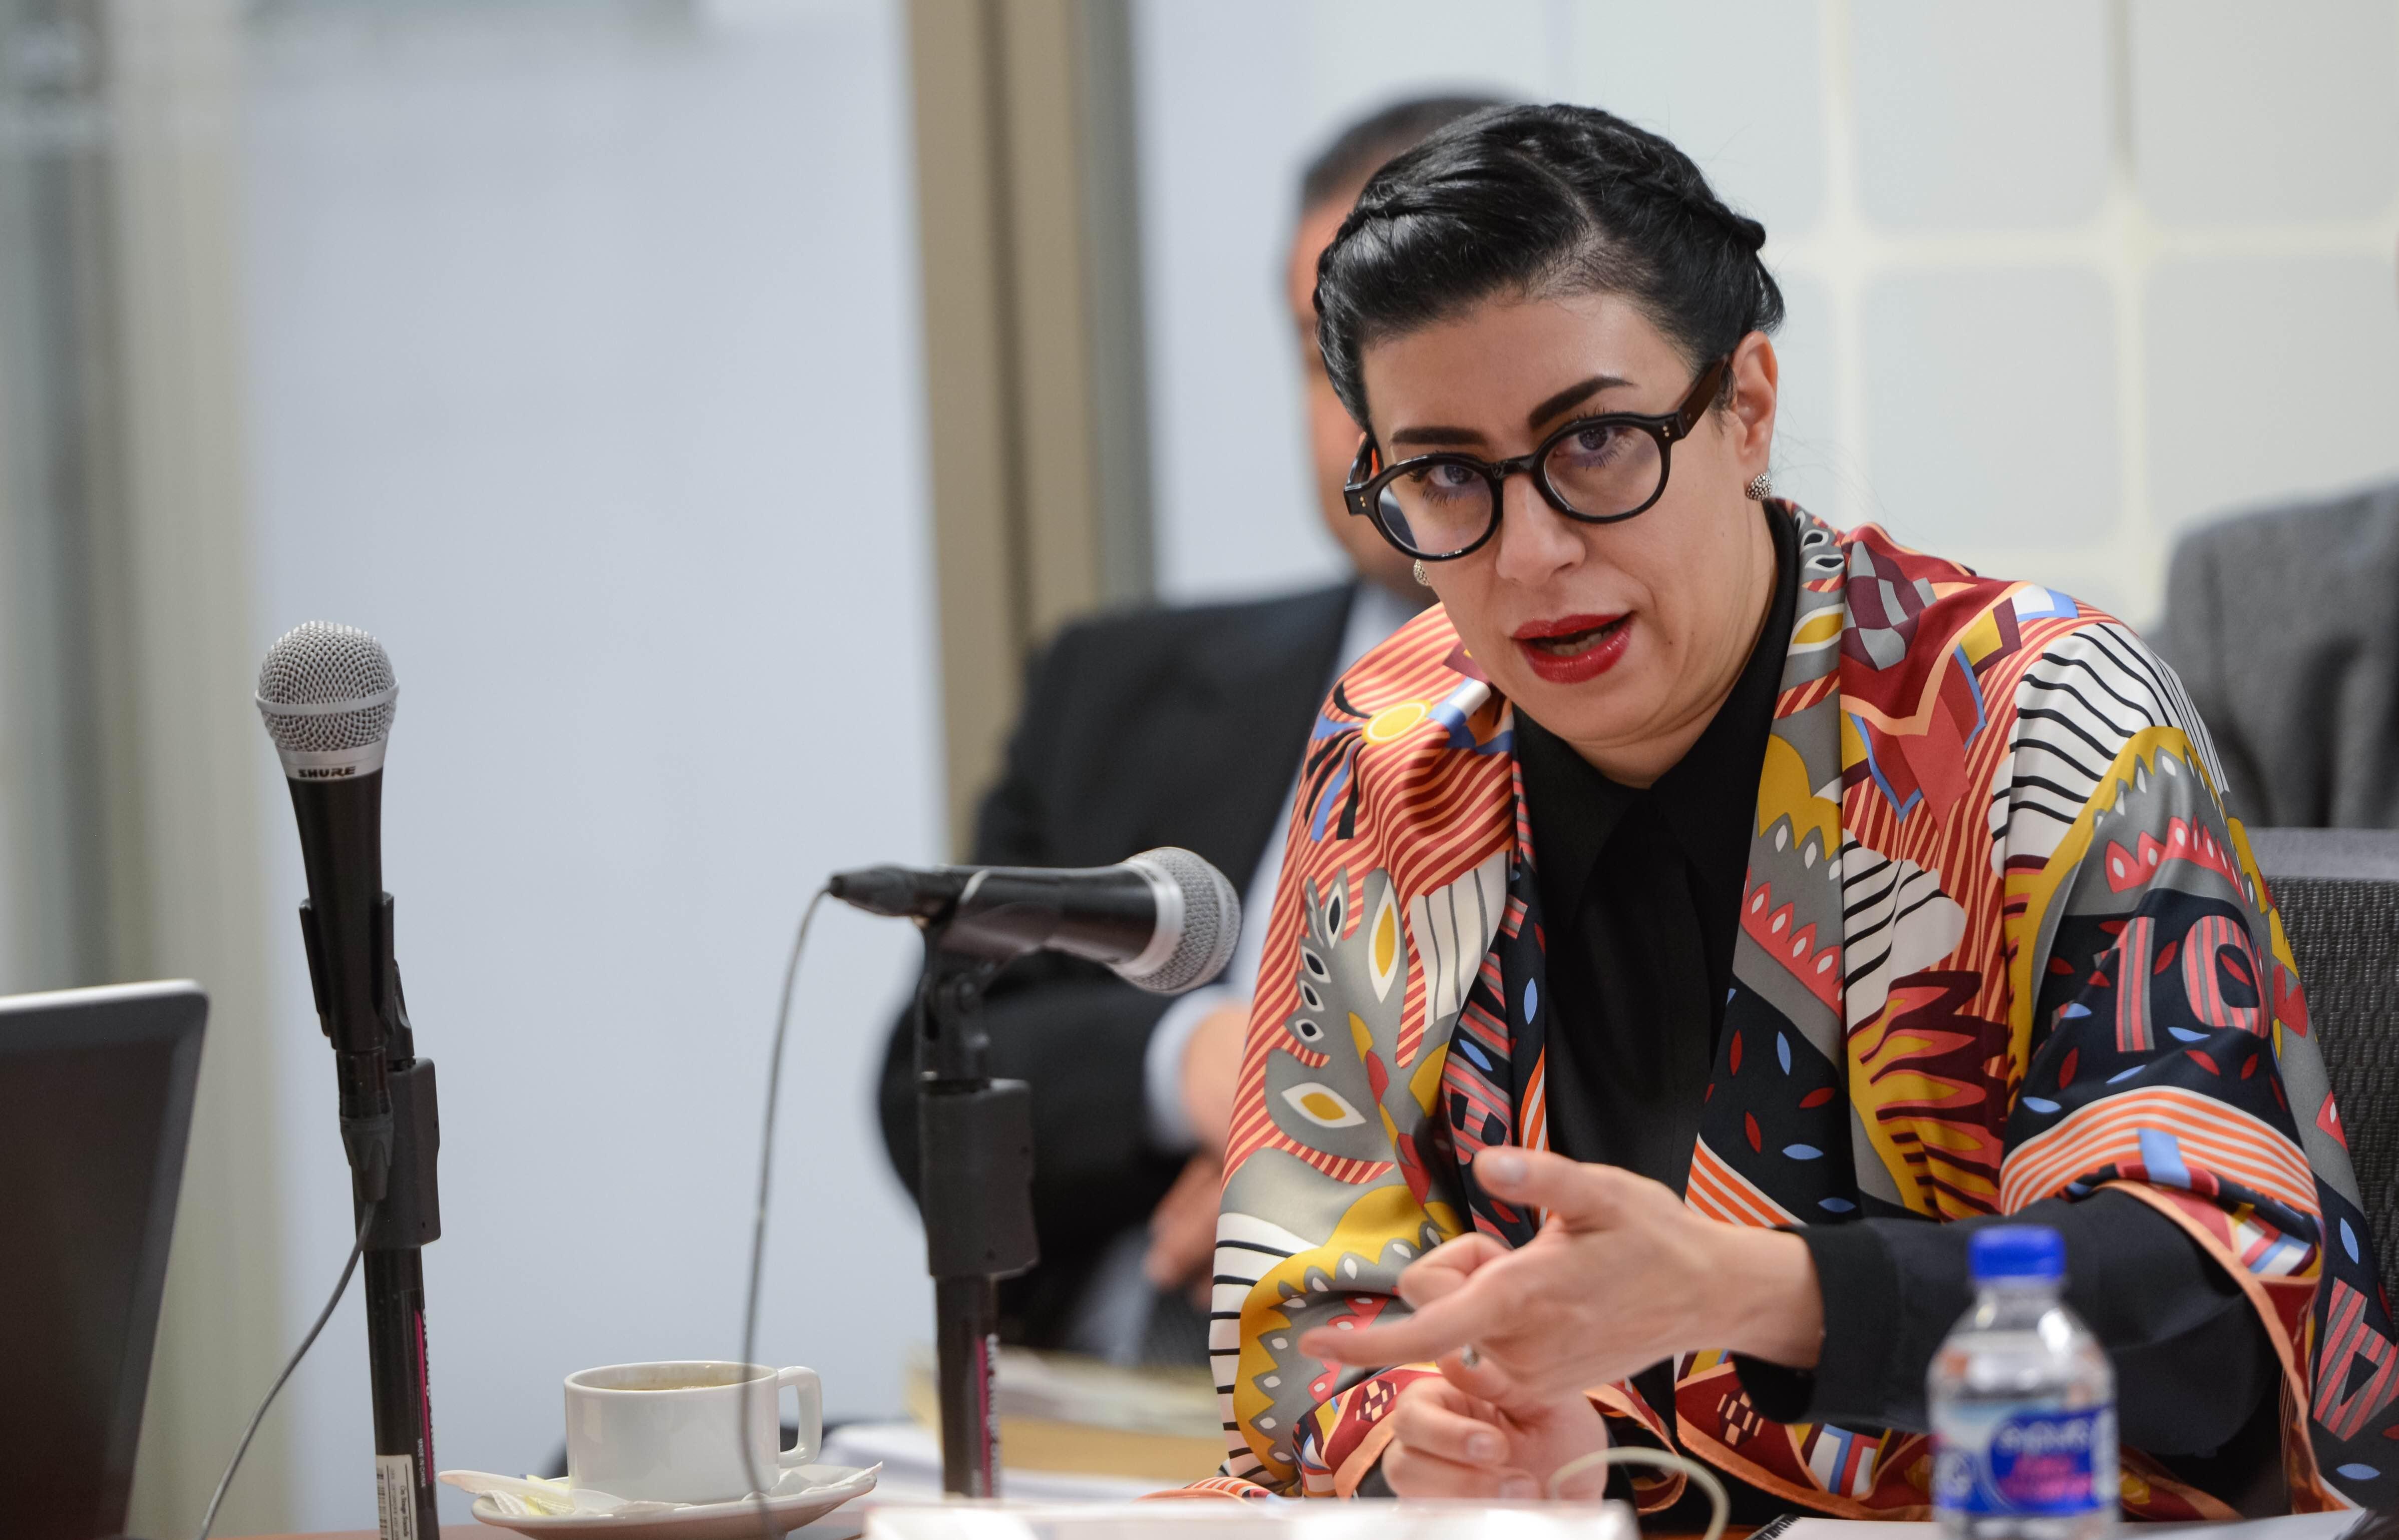 La subsecretaria de Planeación, Evaluación y Desarrollo Regional, Vanessa Rubio Márquez, dijo que se transita de la etapa de apertura y expansión de los comedores comunitarios a una de consolidación